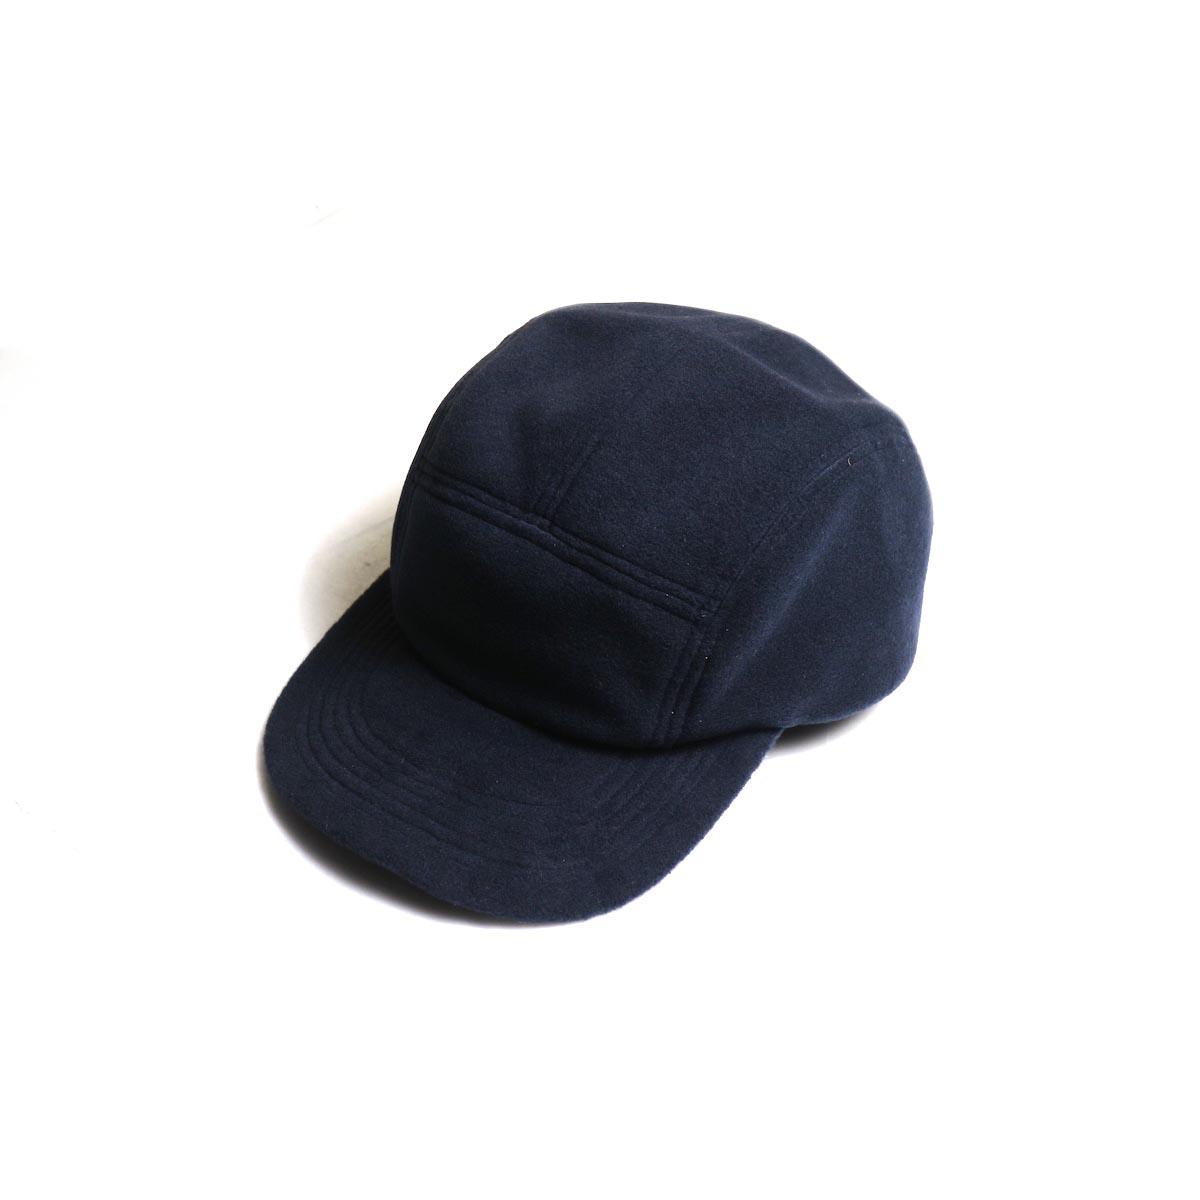 UNIVERSAL PRODUCTS / UP+N FLEECE JET CAP (Navy)